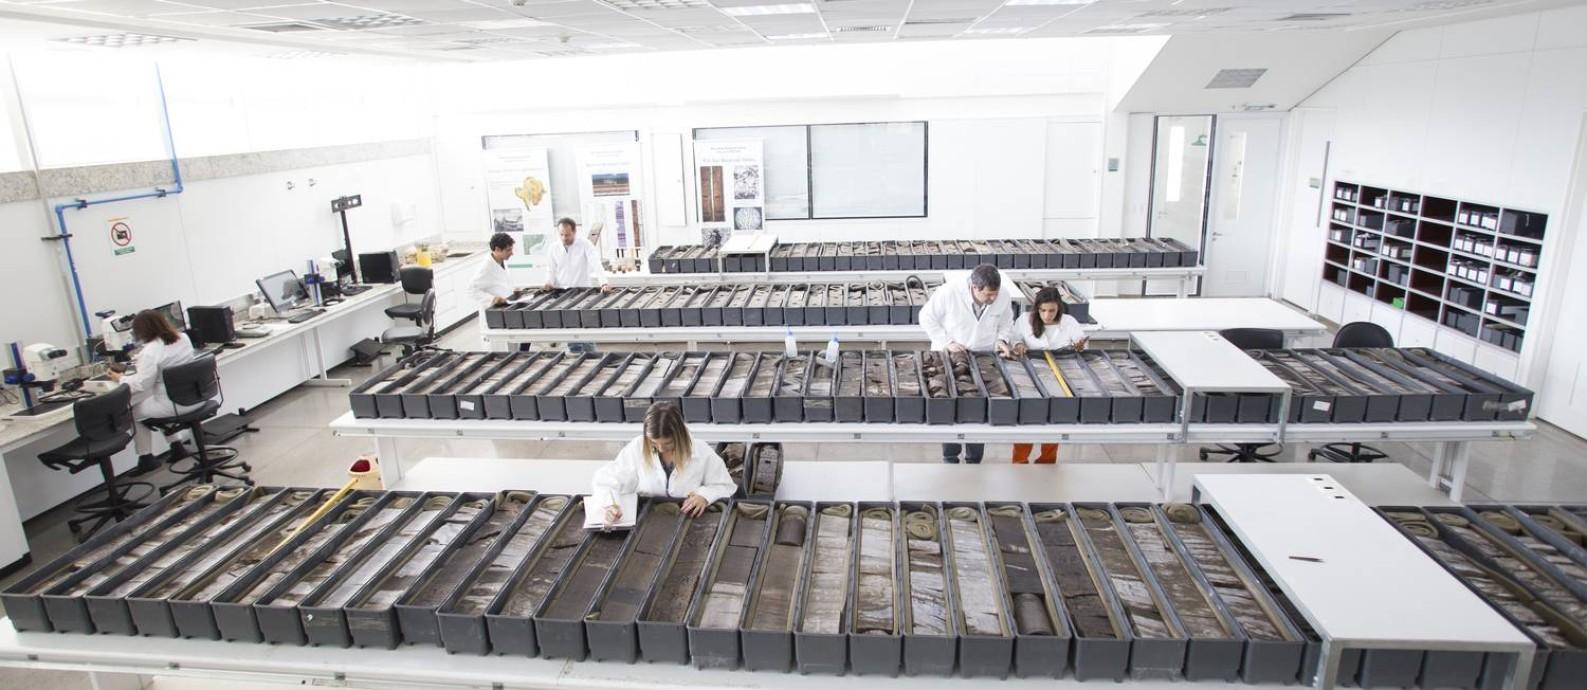 Caixas com pedras do pré-sal: 95% delas estão guardadas em depósitos da Petrobras onde apenas funcionários autorizados podem entrar Foto: Banco de imagens Petrobras